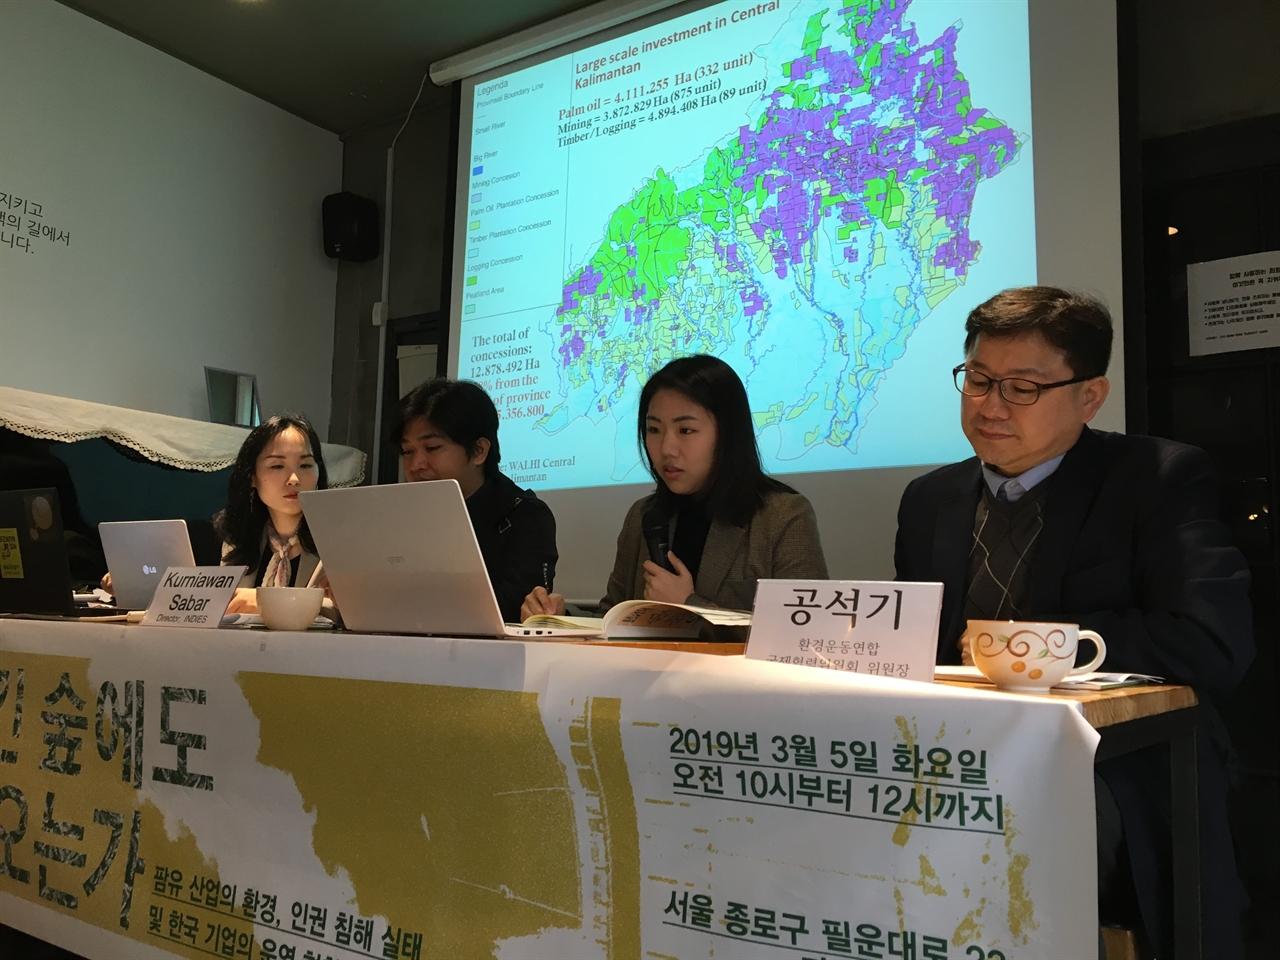 지난 5일, 서울 종로구에 있는 환경연합 카페 회화나무에서 팜유 산업의 환경과 인권 침해 실태를 알리는 자리가 마련됐다.